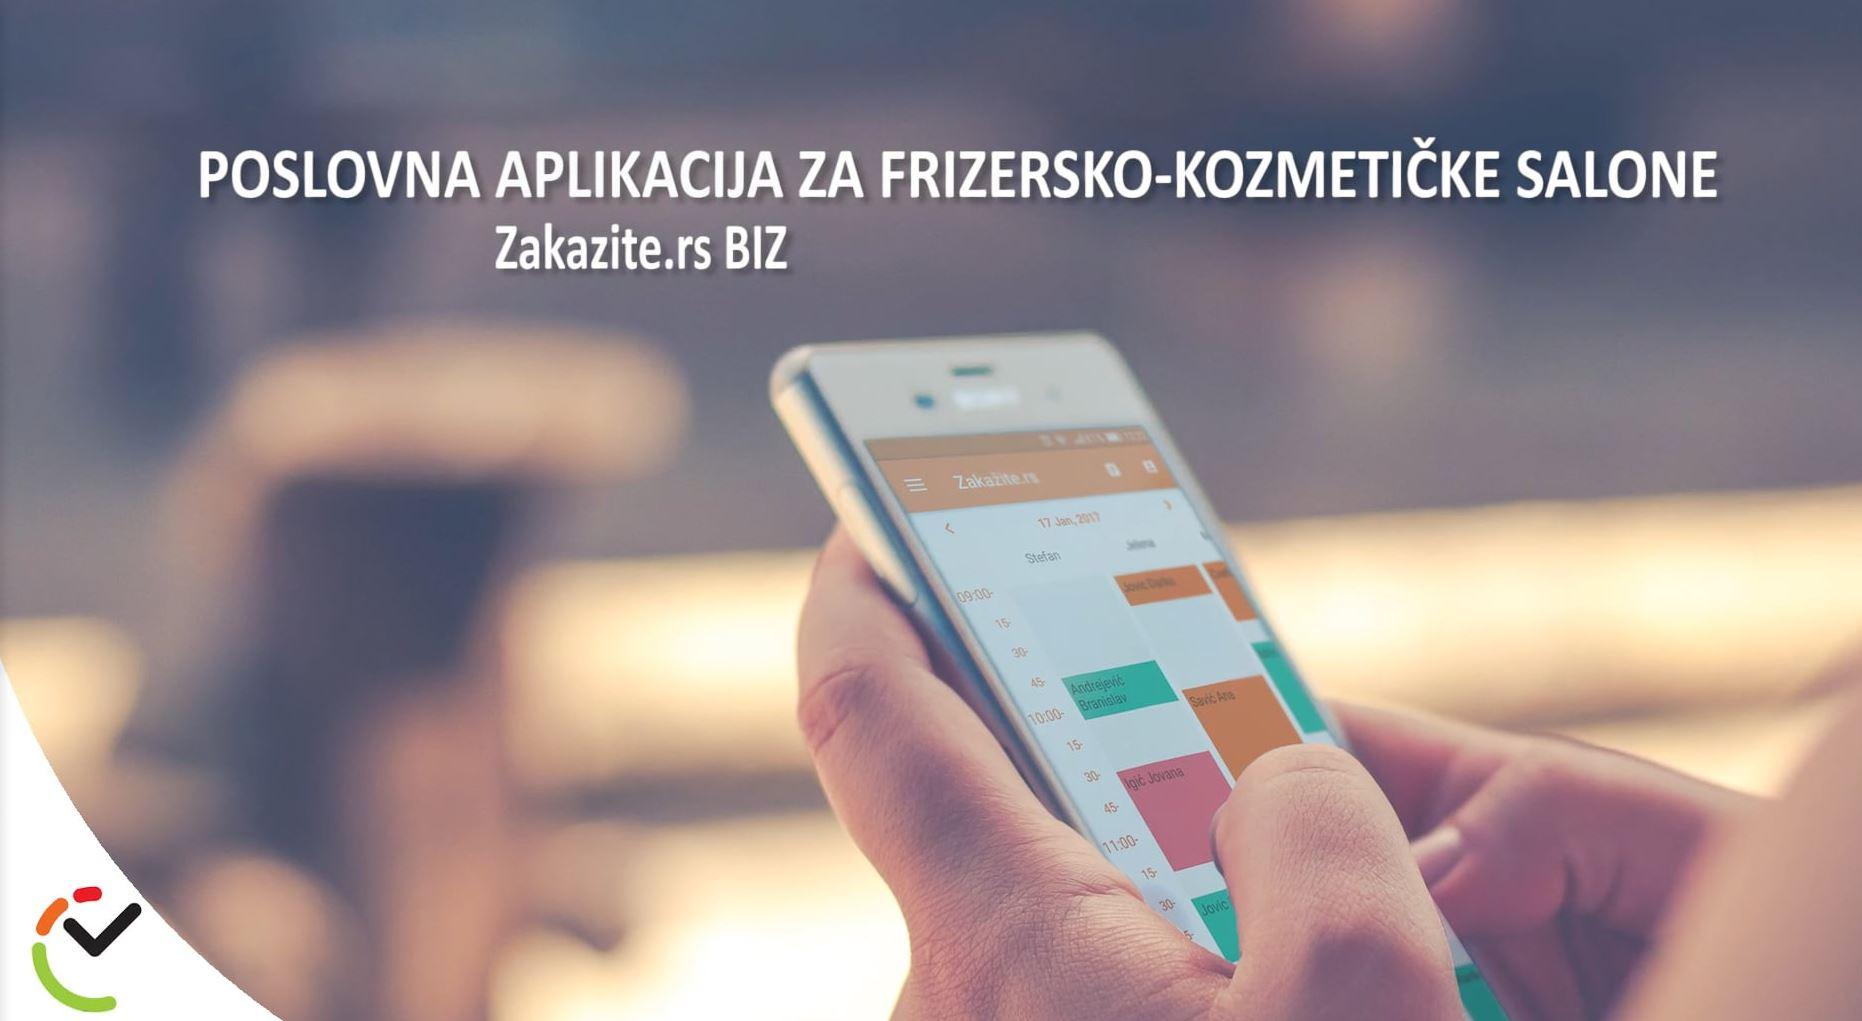 Aplikacija za zakazivanje usluga